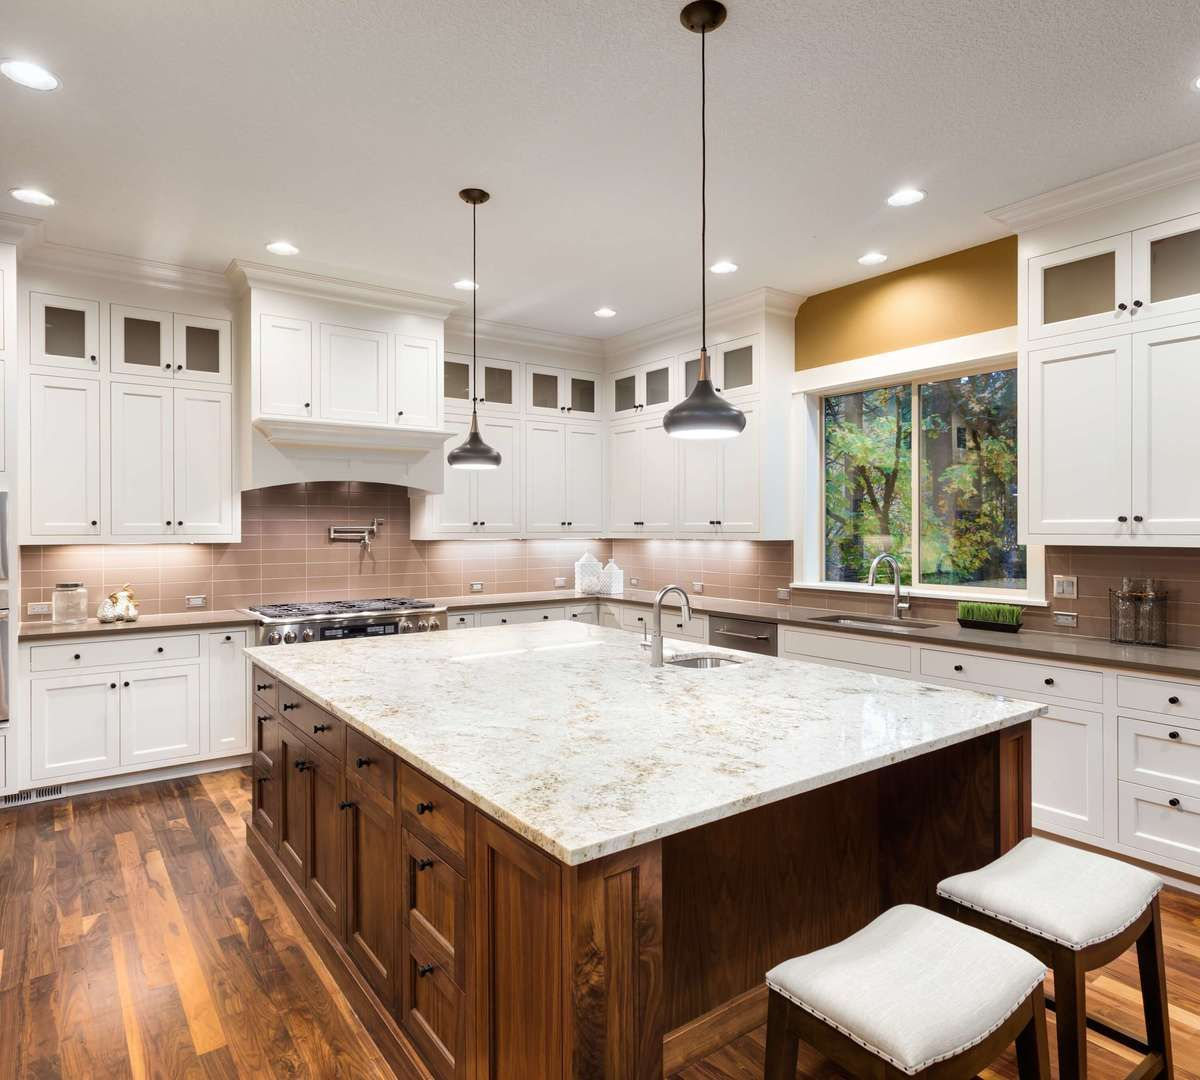 Charmant Traum Küchen Inc Utah Ideen - Ideen Für Die Küche ...